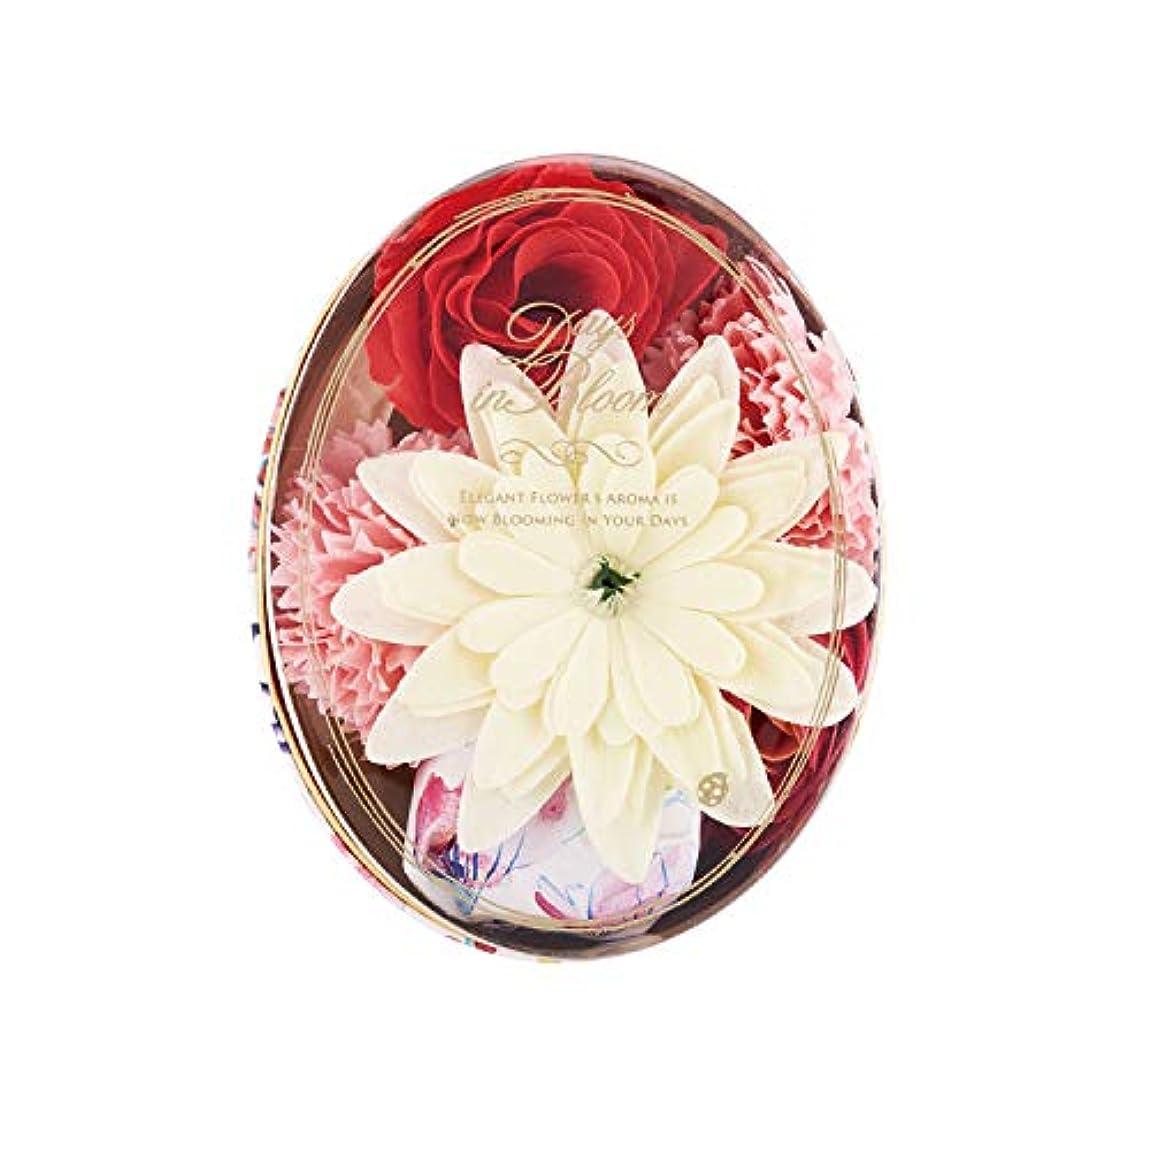 資産カバー若さデイズインブルーム バスセットオーバル ローズ (入浴料 お花の形のバスギフト)